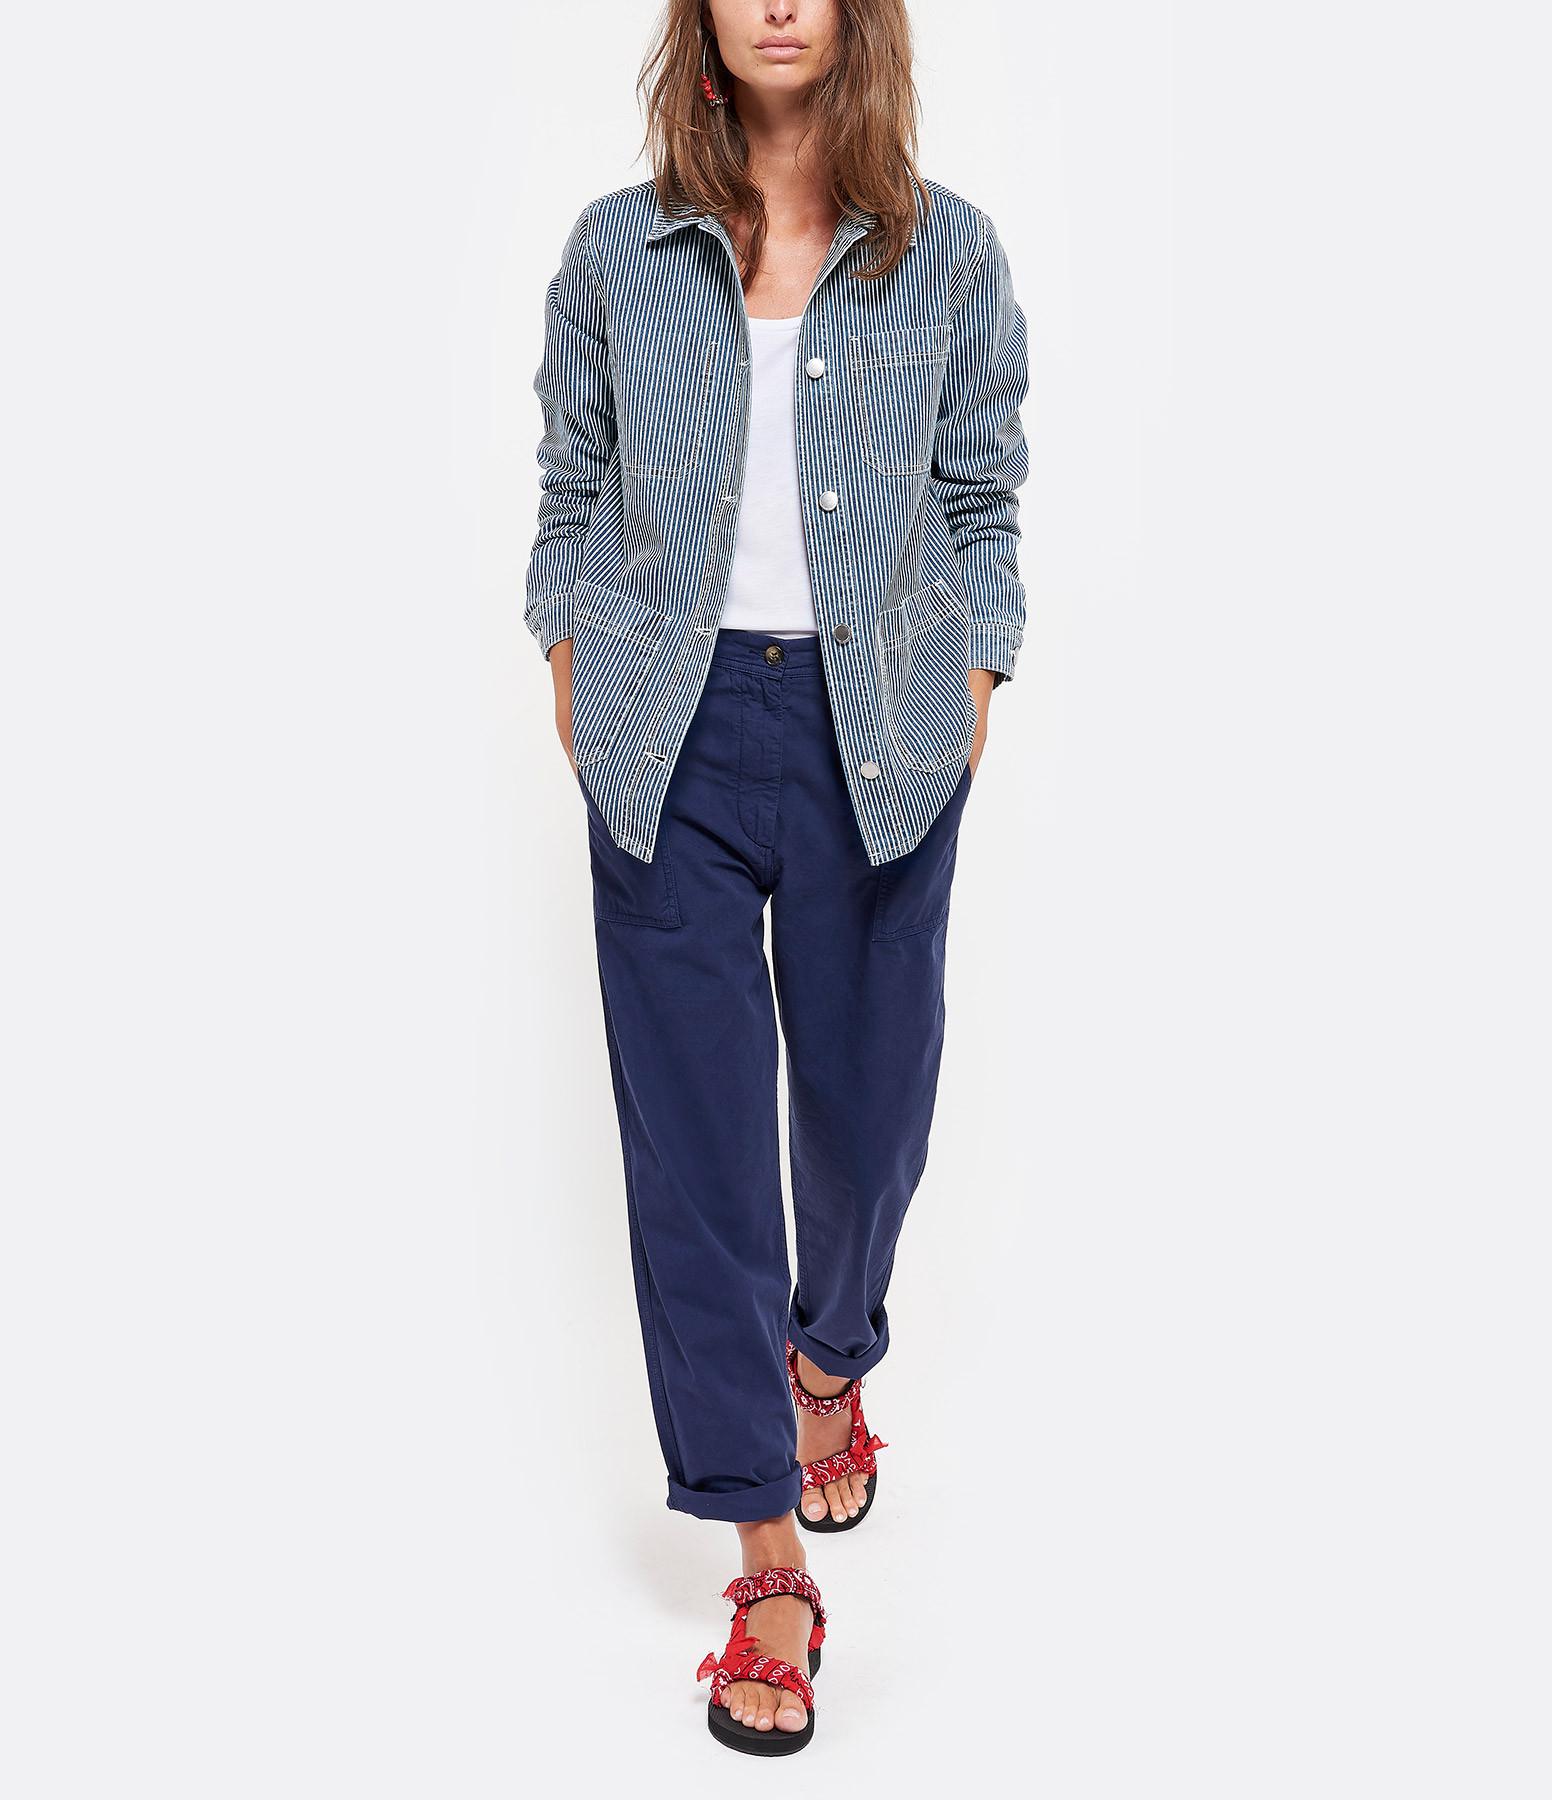 MAISON STANDARDS - Veste Peintre Coton Bleu Vert